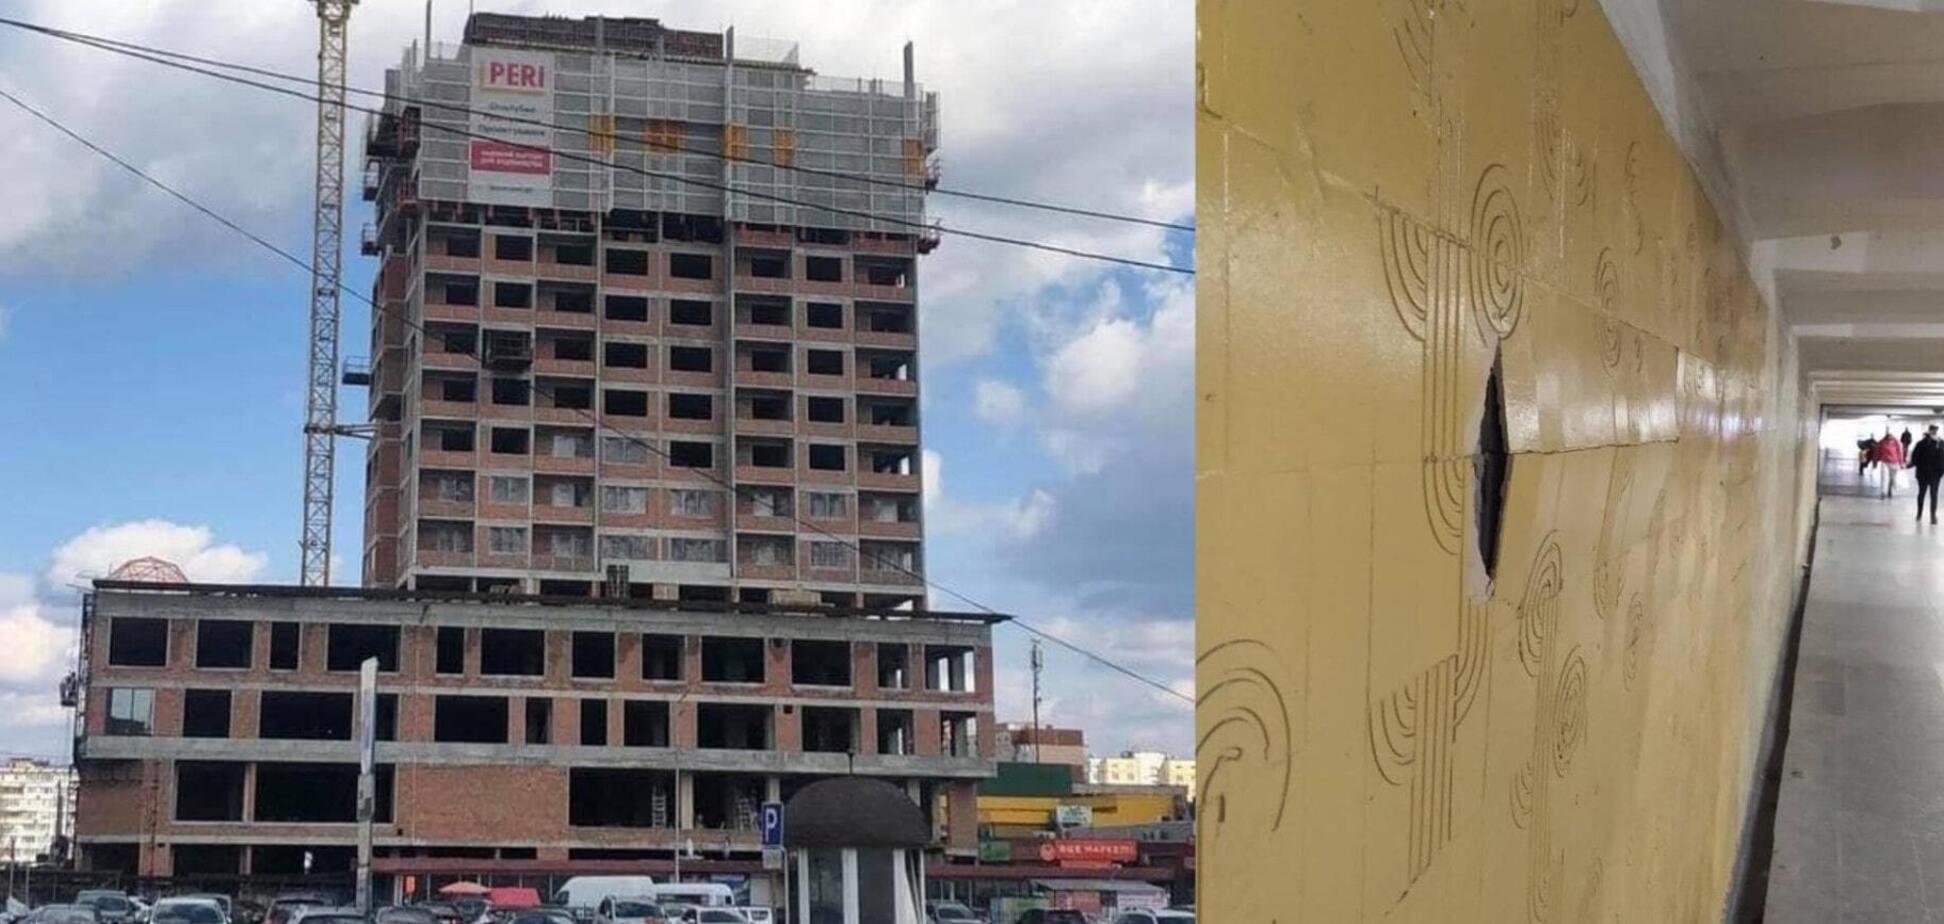 Застройщик ЖК Obolon Plaza пообещал реконструировать подземный переход